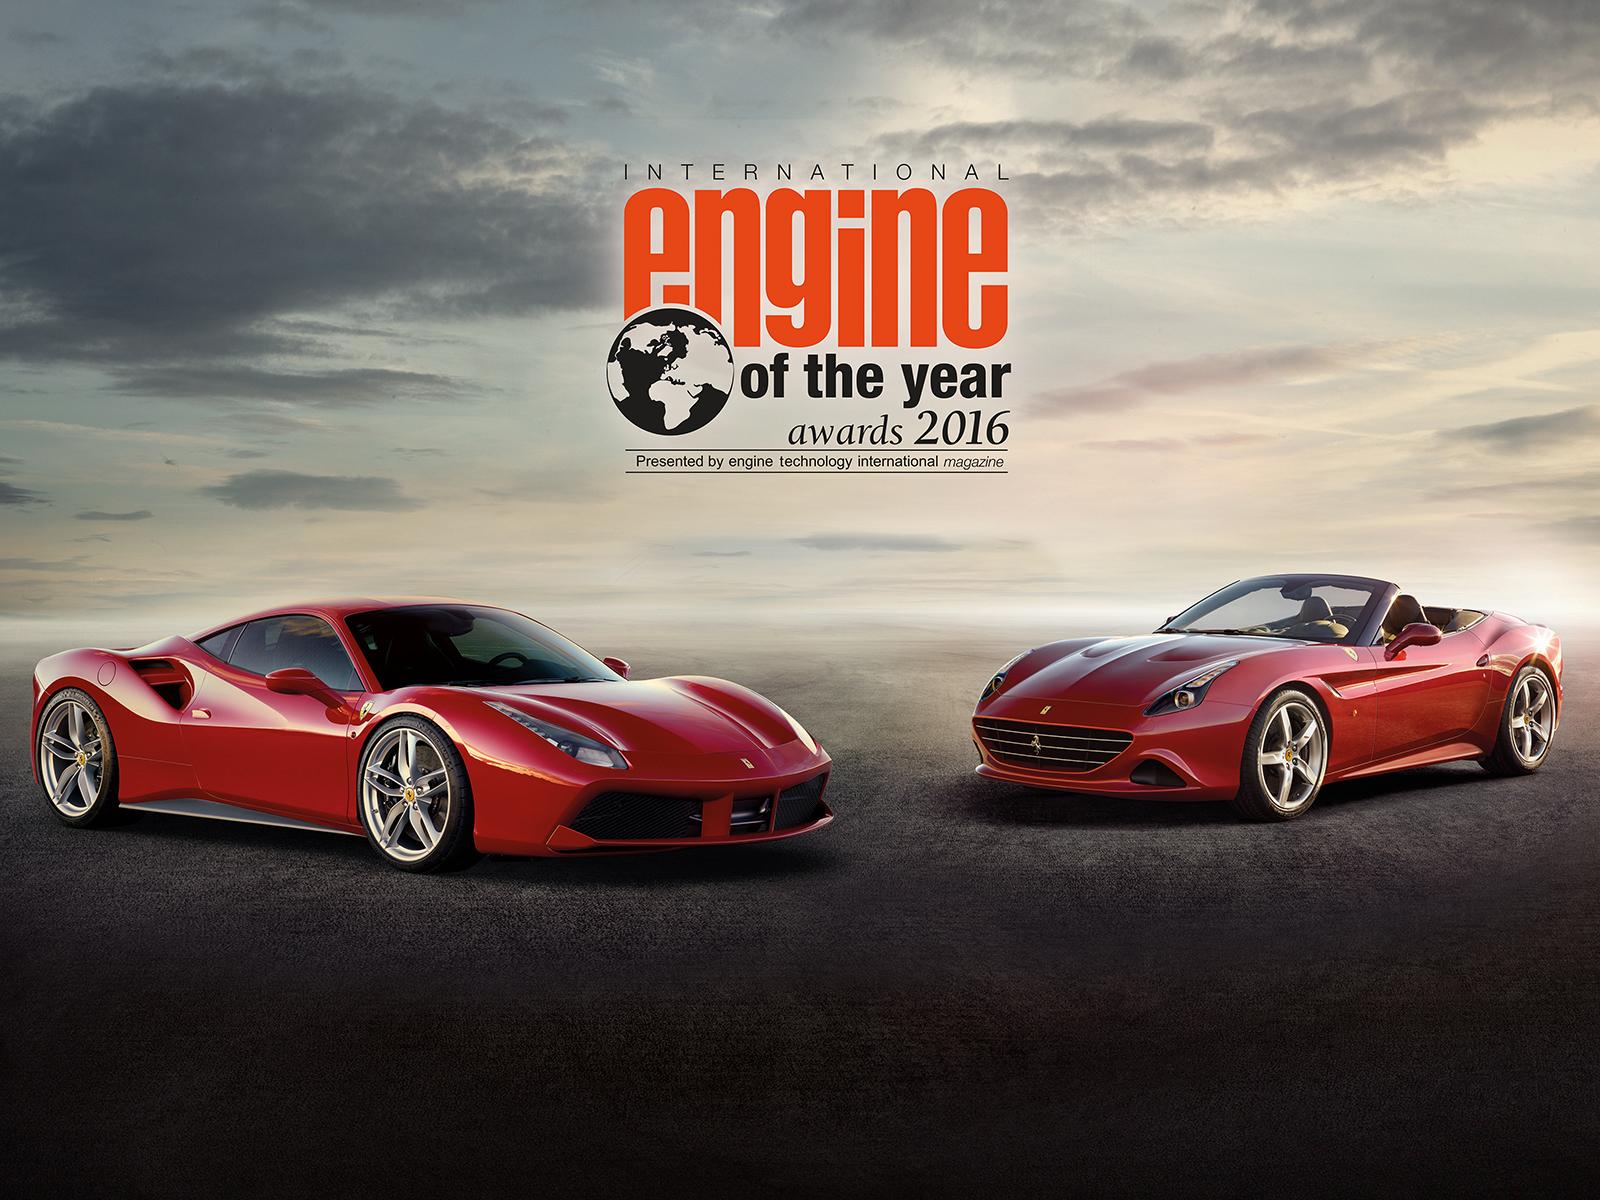 Động cơ 3.9 lít Turbochargerd V8 trên Ferrari là động cơ tốt nhất của năm